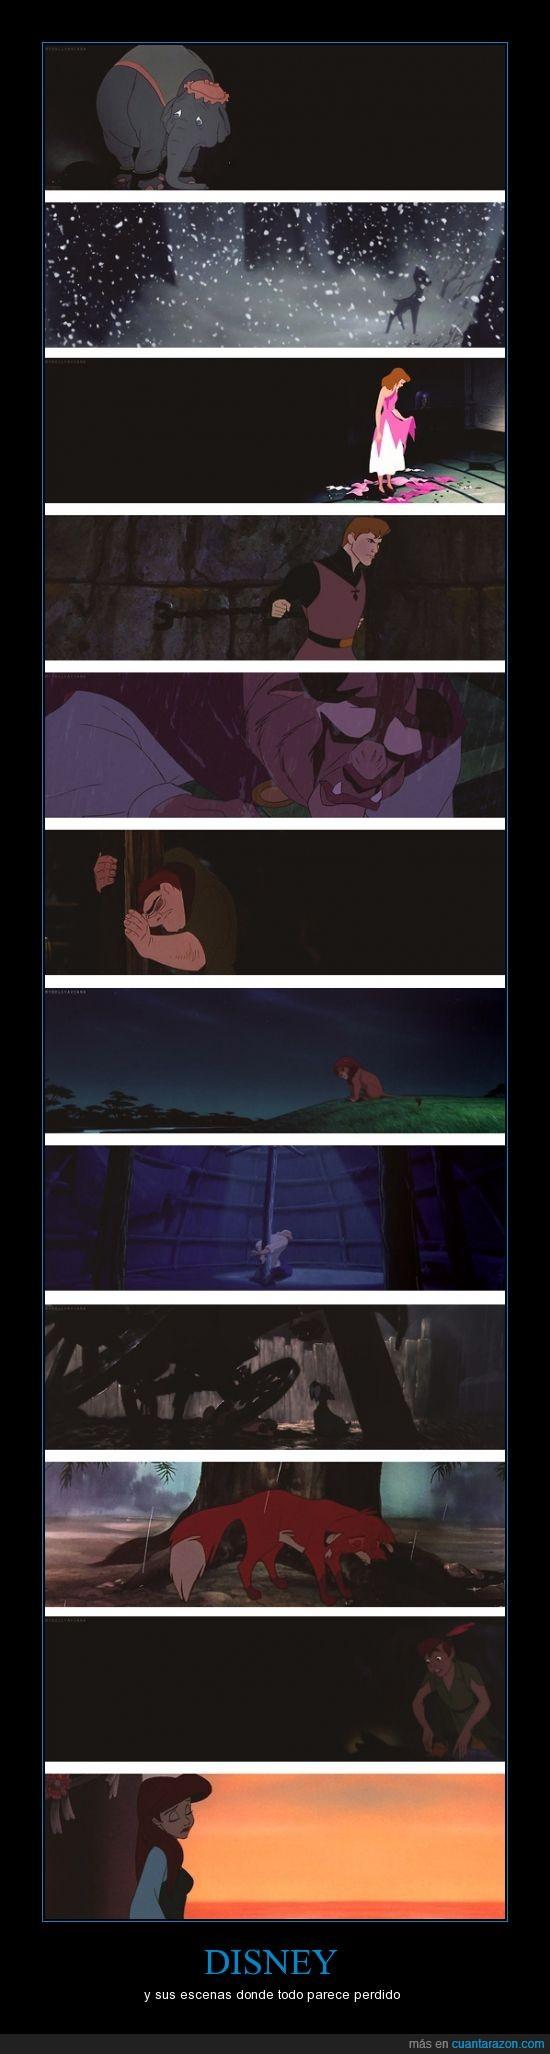 Bambi,Cenicienta,disney,Dumbo,El jorobado de Notre Dame,El Rey Leon,entre otras,esperanza,La Bella Durmiente,La Bella y La Bestia